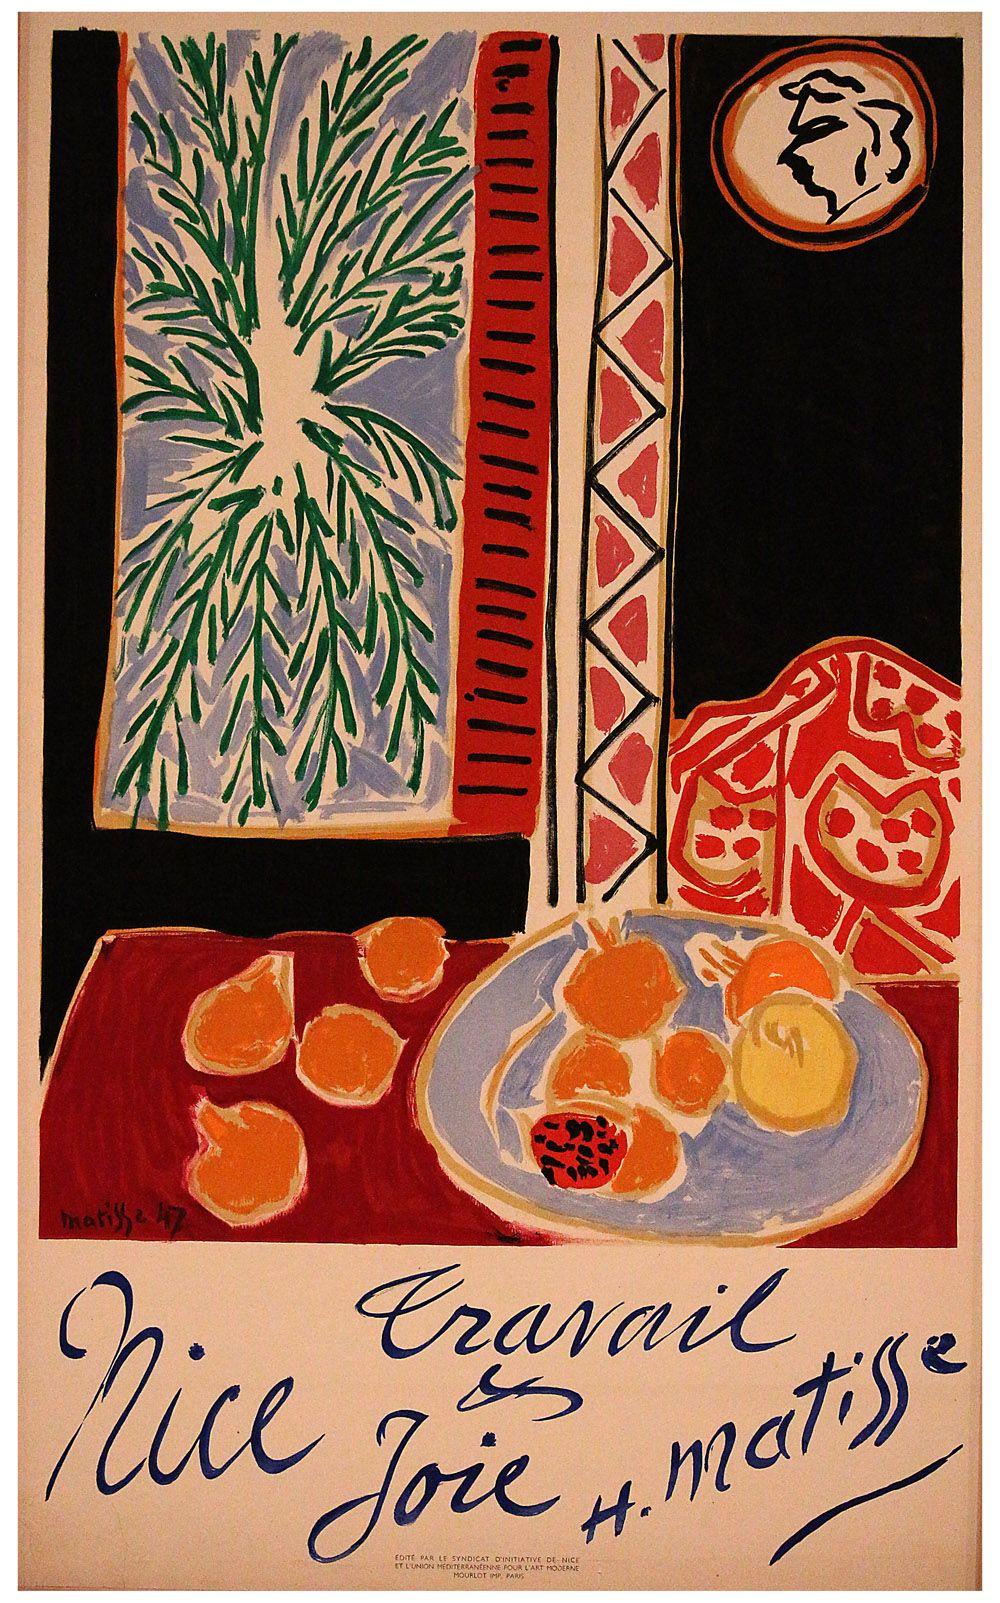 1900-luvun jälkipuoliskolla julisteet keskittyivät tuotemainonnan lisäksi suuryritysten brändimainontaan. Näyttelyssä on esillä mm. Camparin, Air Francen, Perrierin ja Metropolitan Operan brändijulisteita.